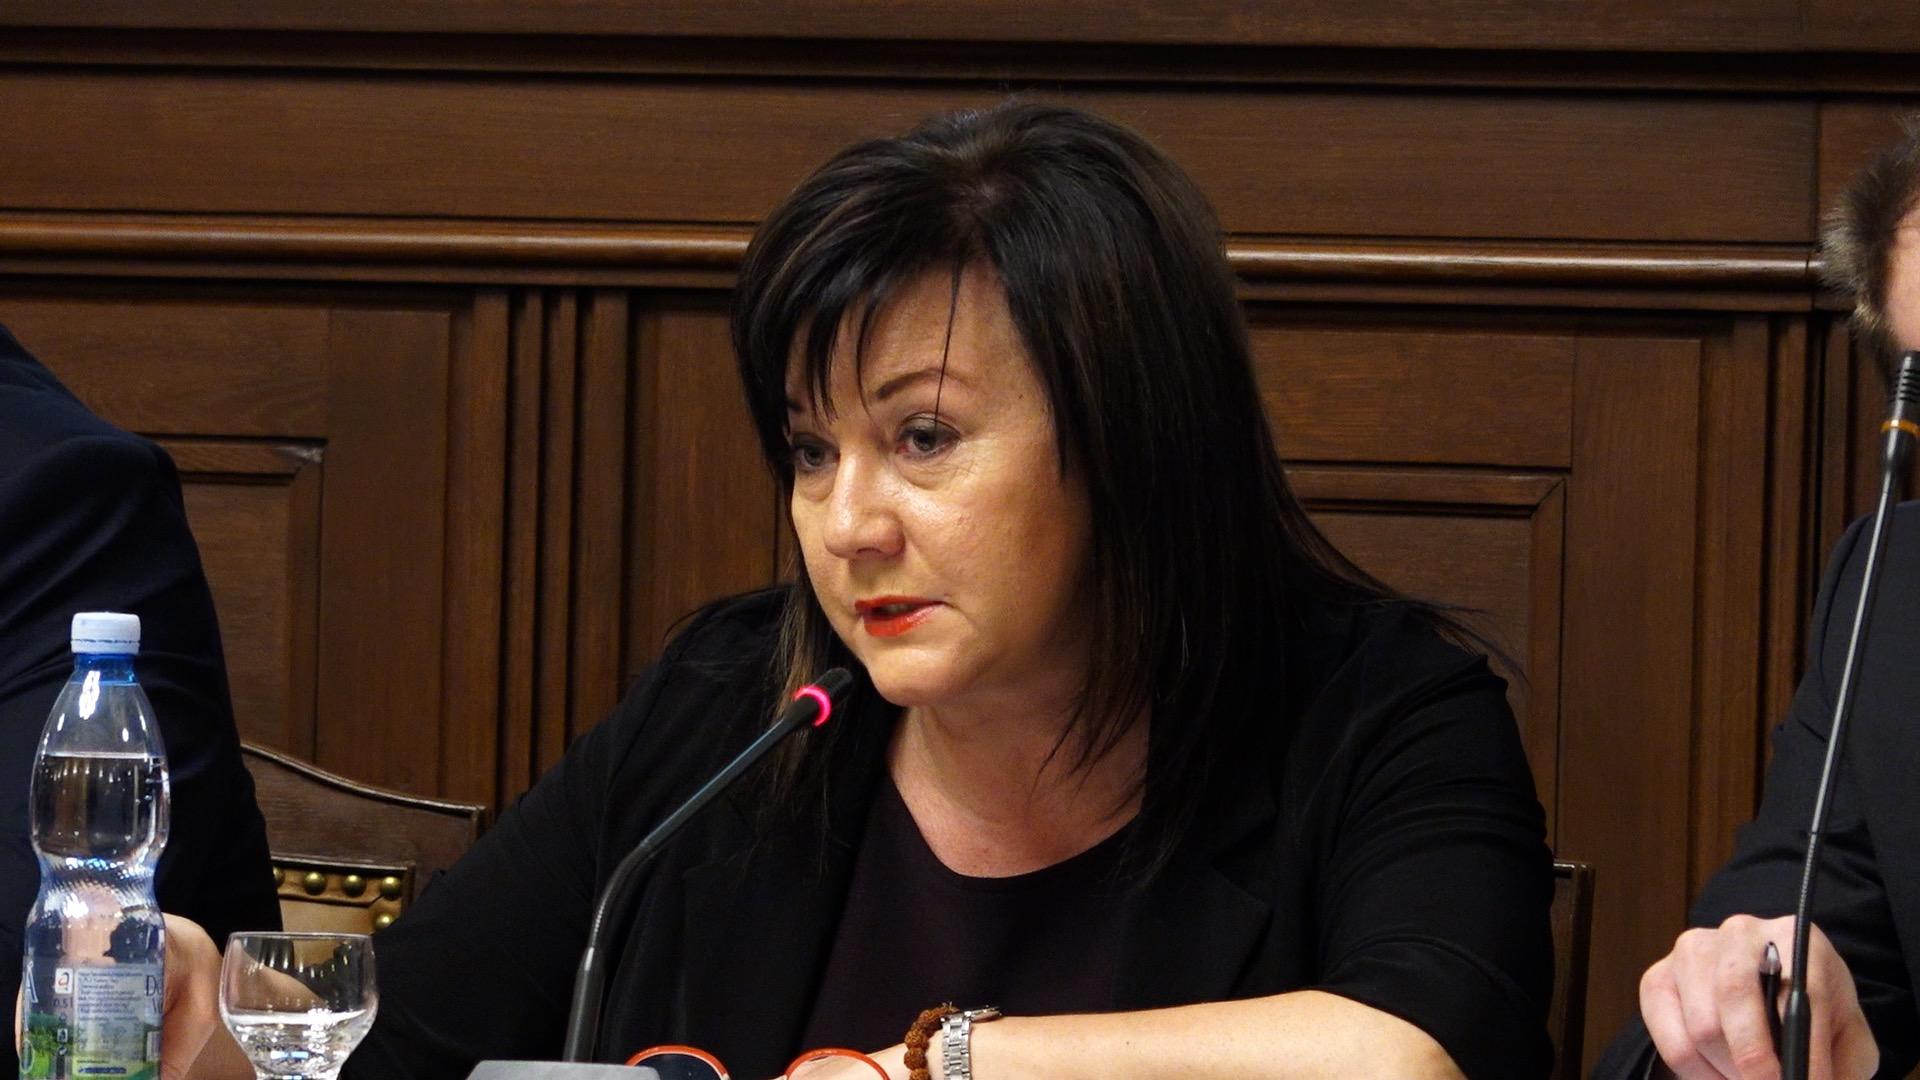 Prémie za vyšší doměřené daně byly hloupost, přiznává ministryně Schillerová. Finanční správa vědomě lhala, říká opozice